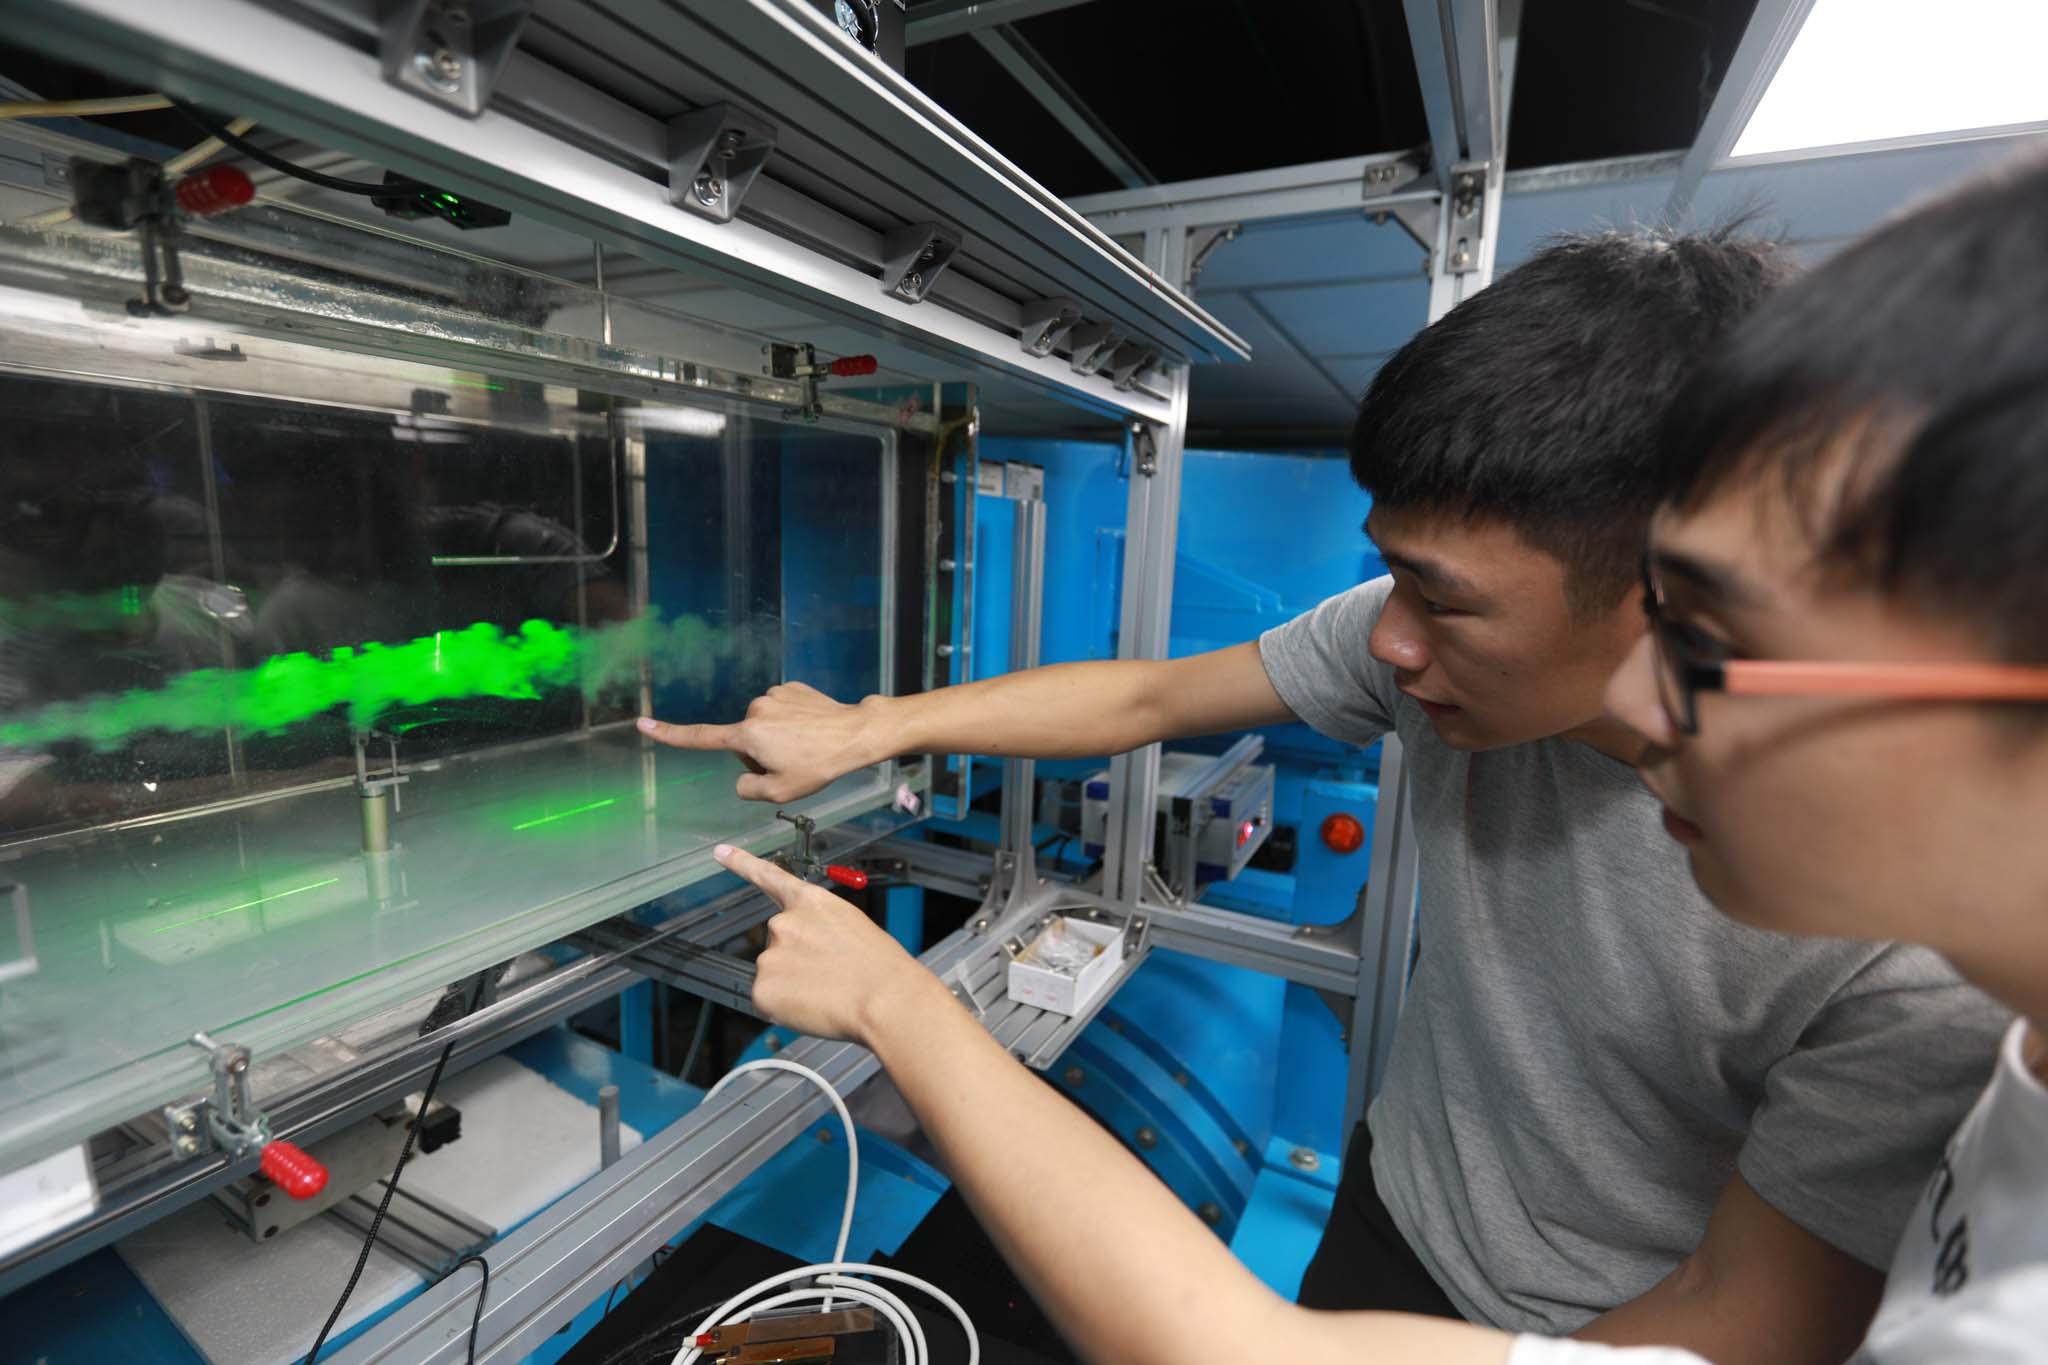 逢甲大學航太與系統工程學系風洞實驗室